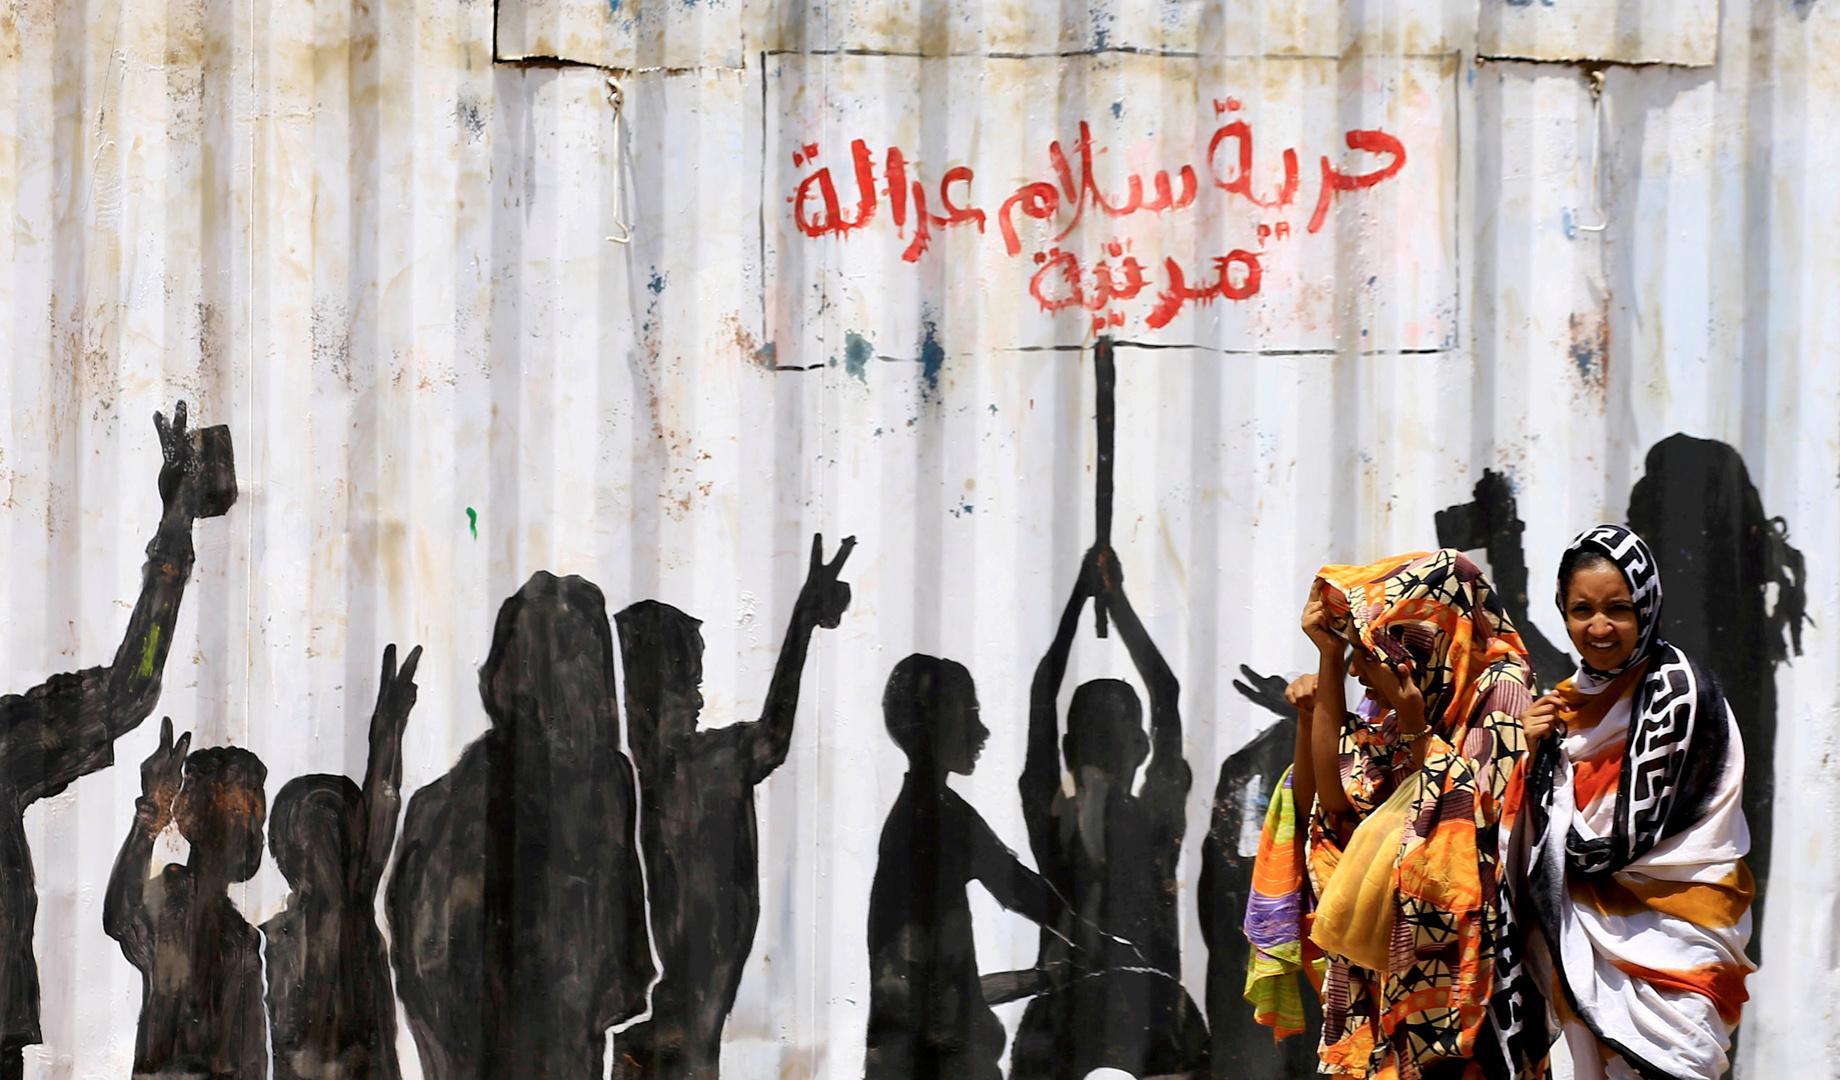 الأمم المتحدة تحذر من تعرض السودان إلى